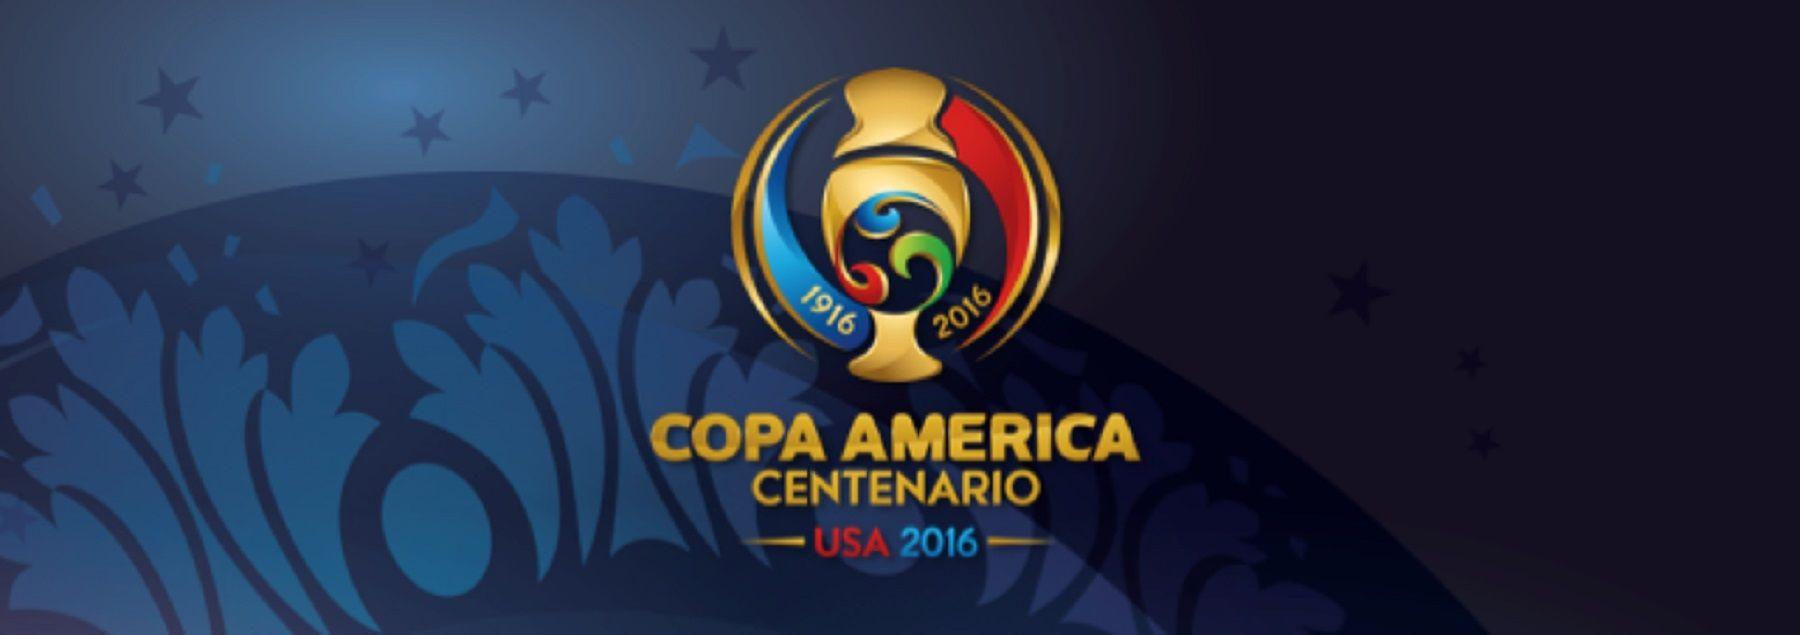 Confirmado: la Copa América Centenario se jugará en Estados Unidos